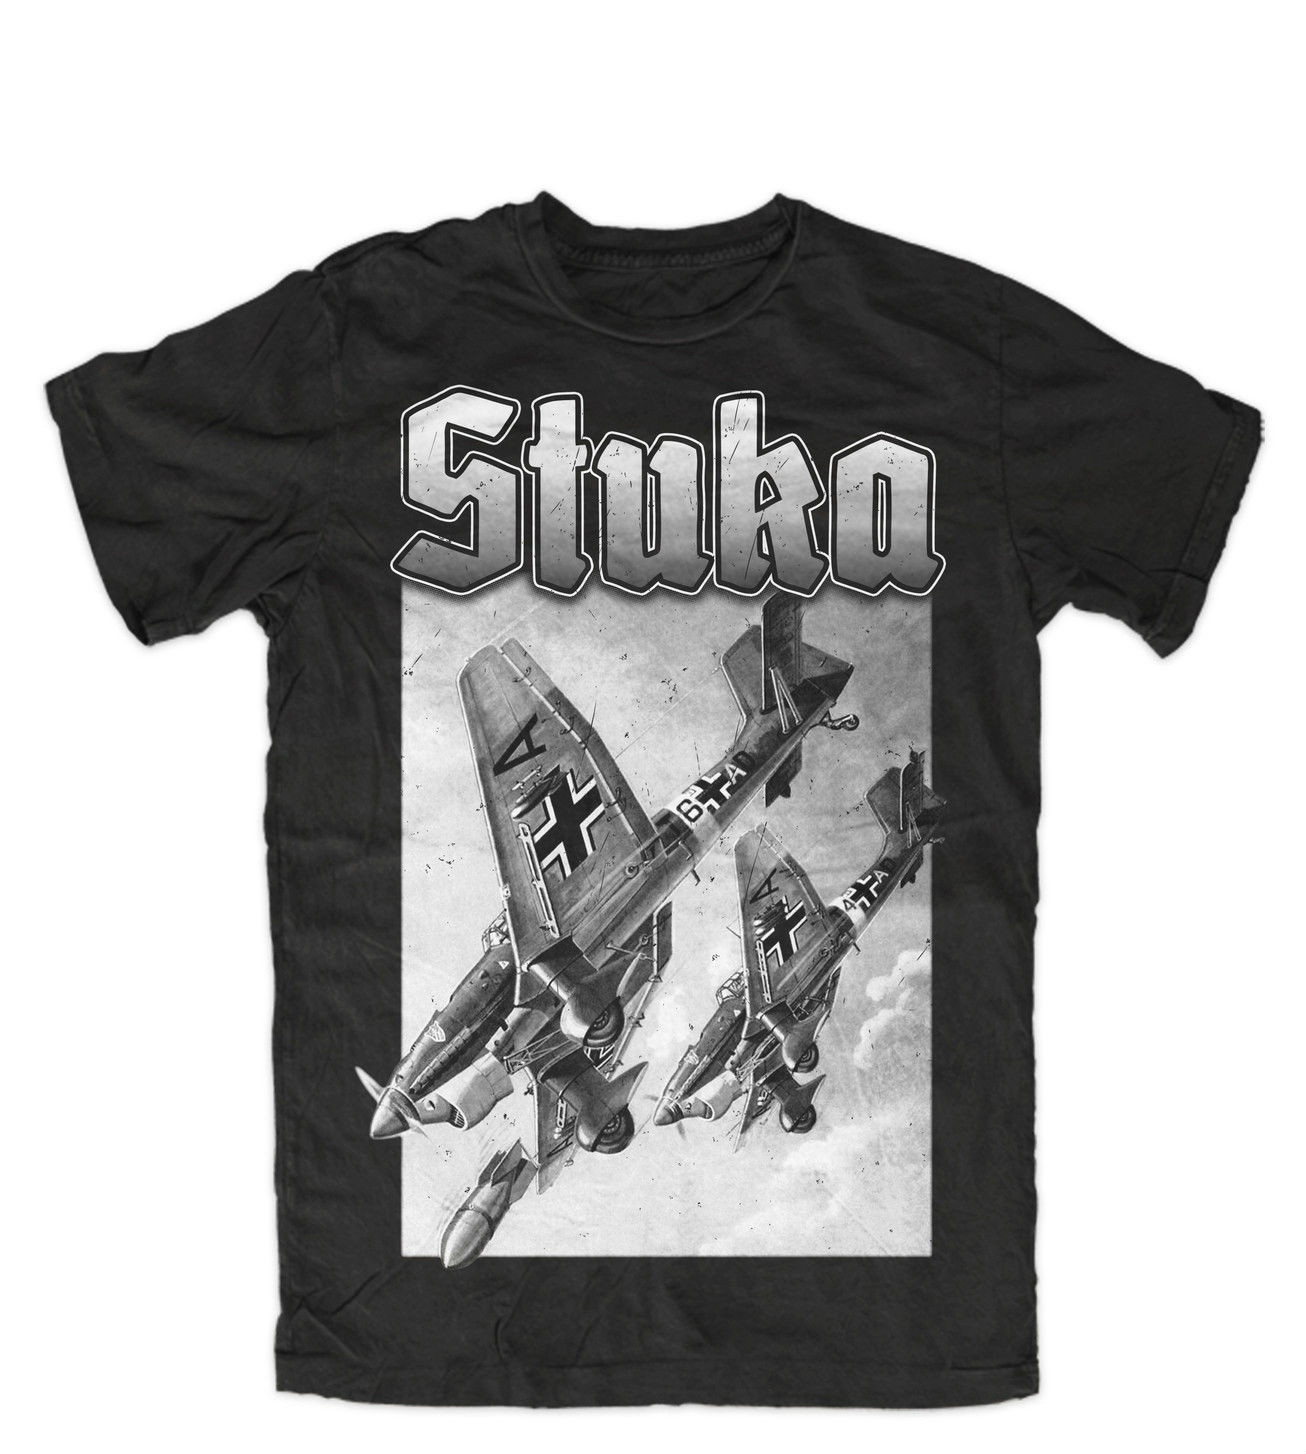 Men T Shirt Stuka Fashion Ww2 Wehrmacht Luftwaffe Legende Deutsches Reich Ehre Luft T Shirt Novelty Tshirt Women Simple